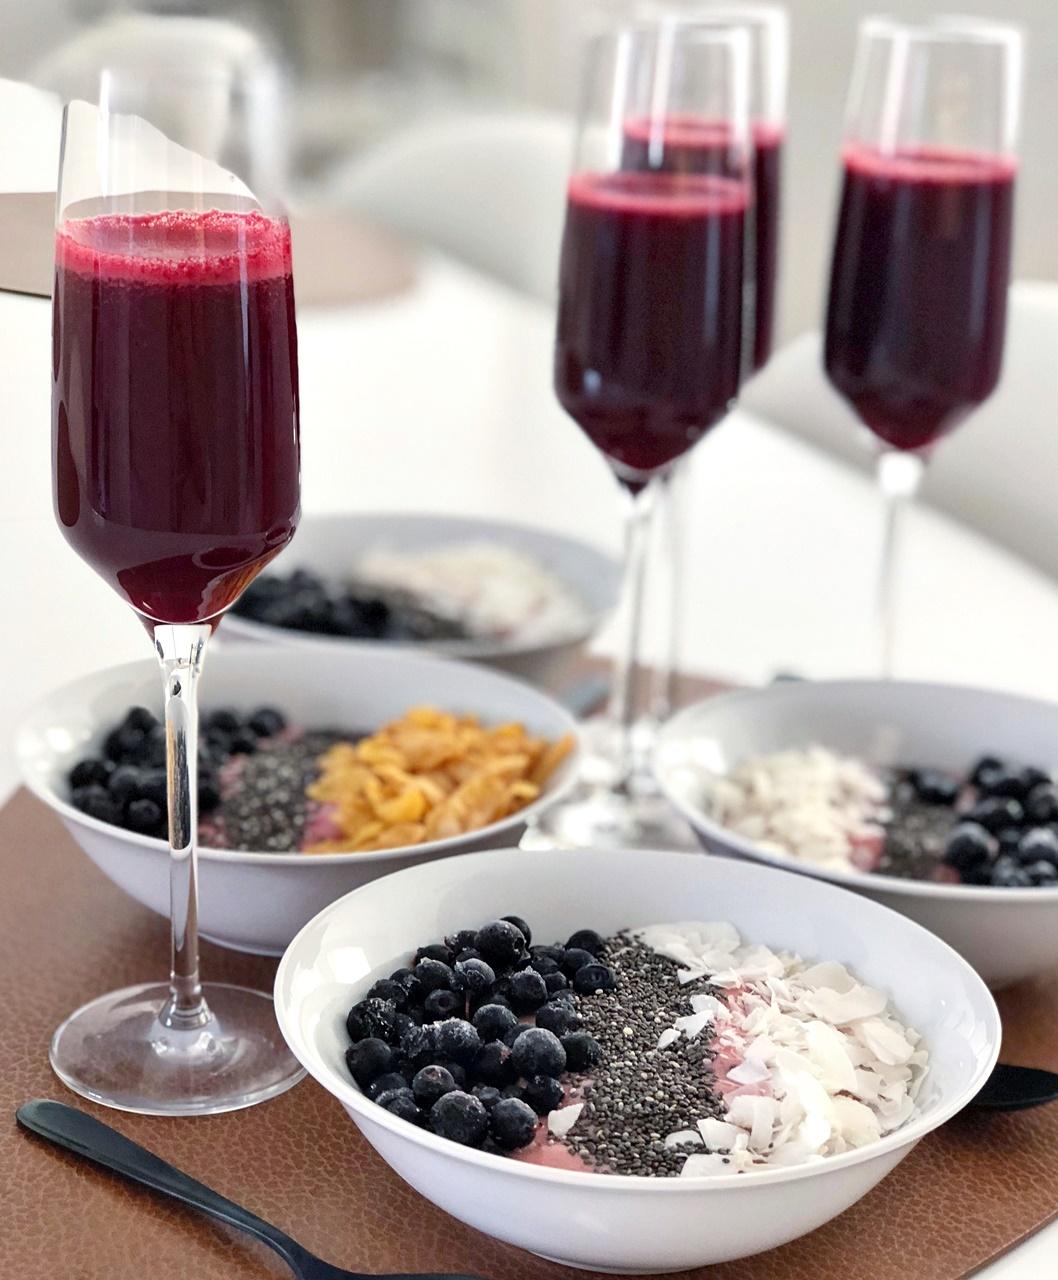 långa lata färgstarka frukostar är vår favorit